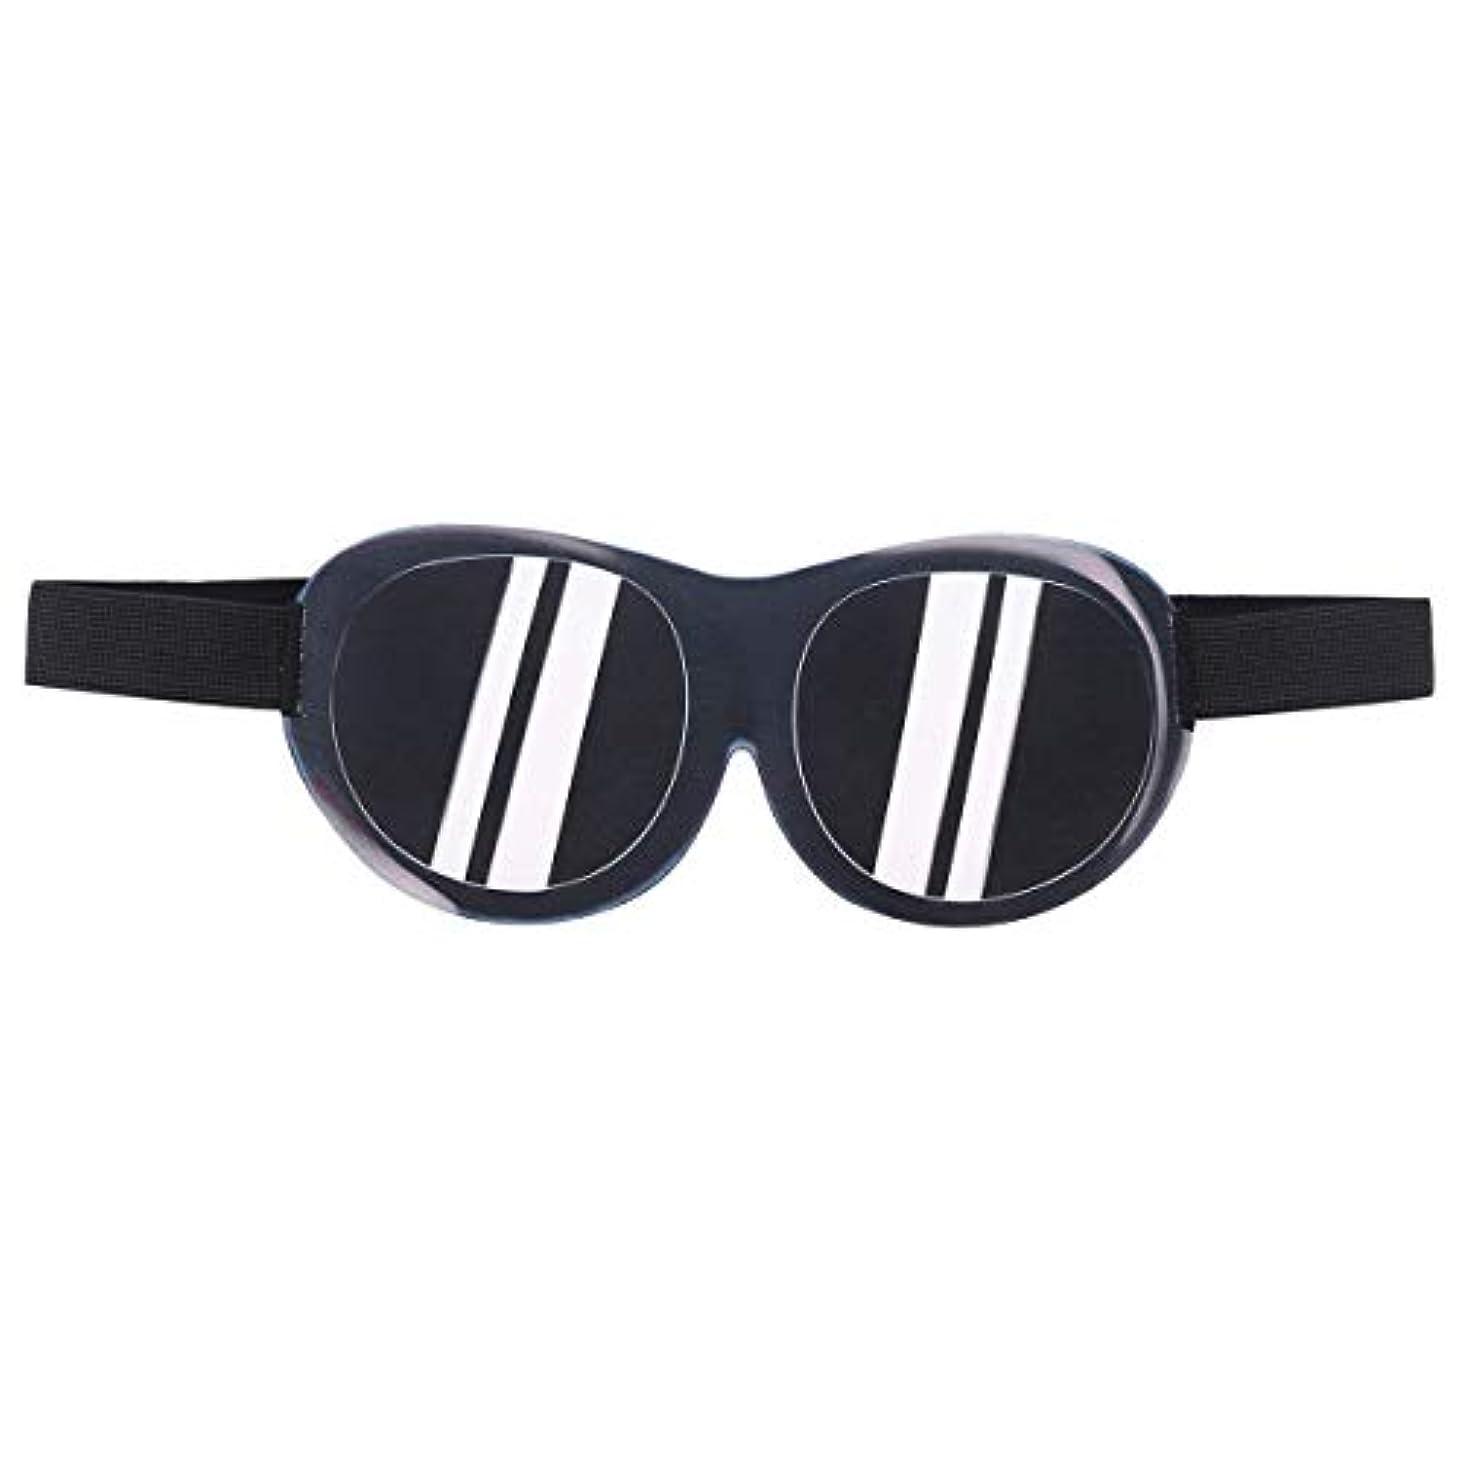 機転適応的そこからSUPVOX 面白いアイシェード3Dスリープマスクブラインドパッチアイマスク目隠し